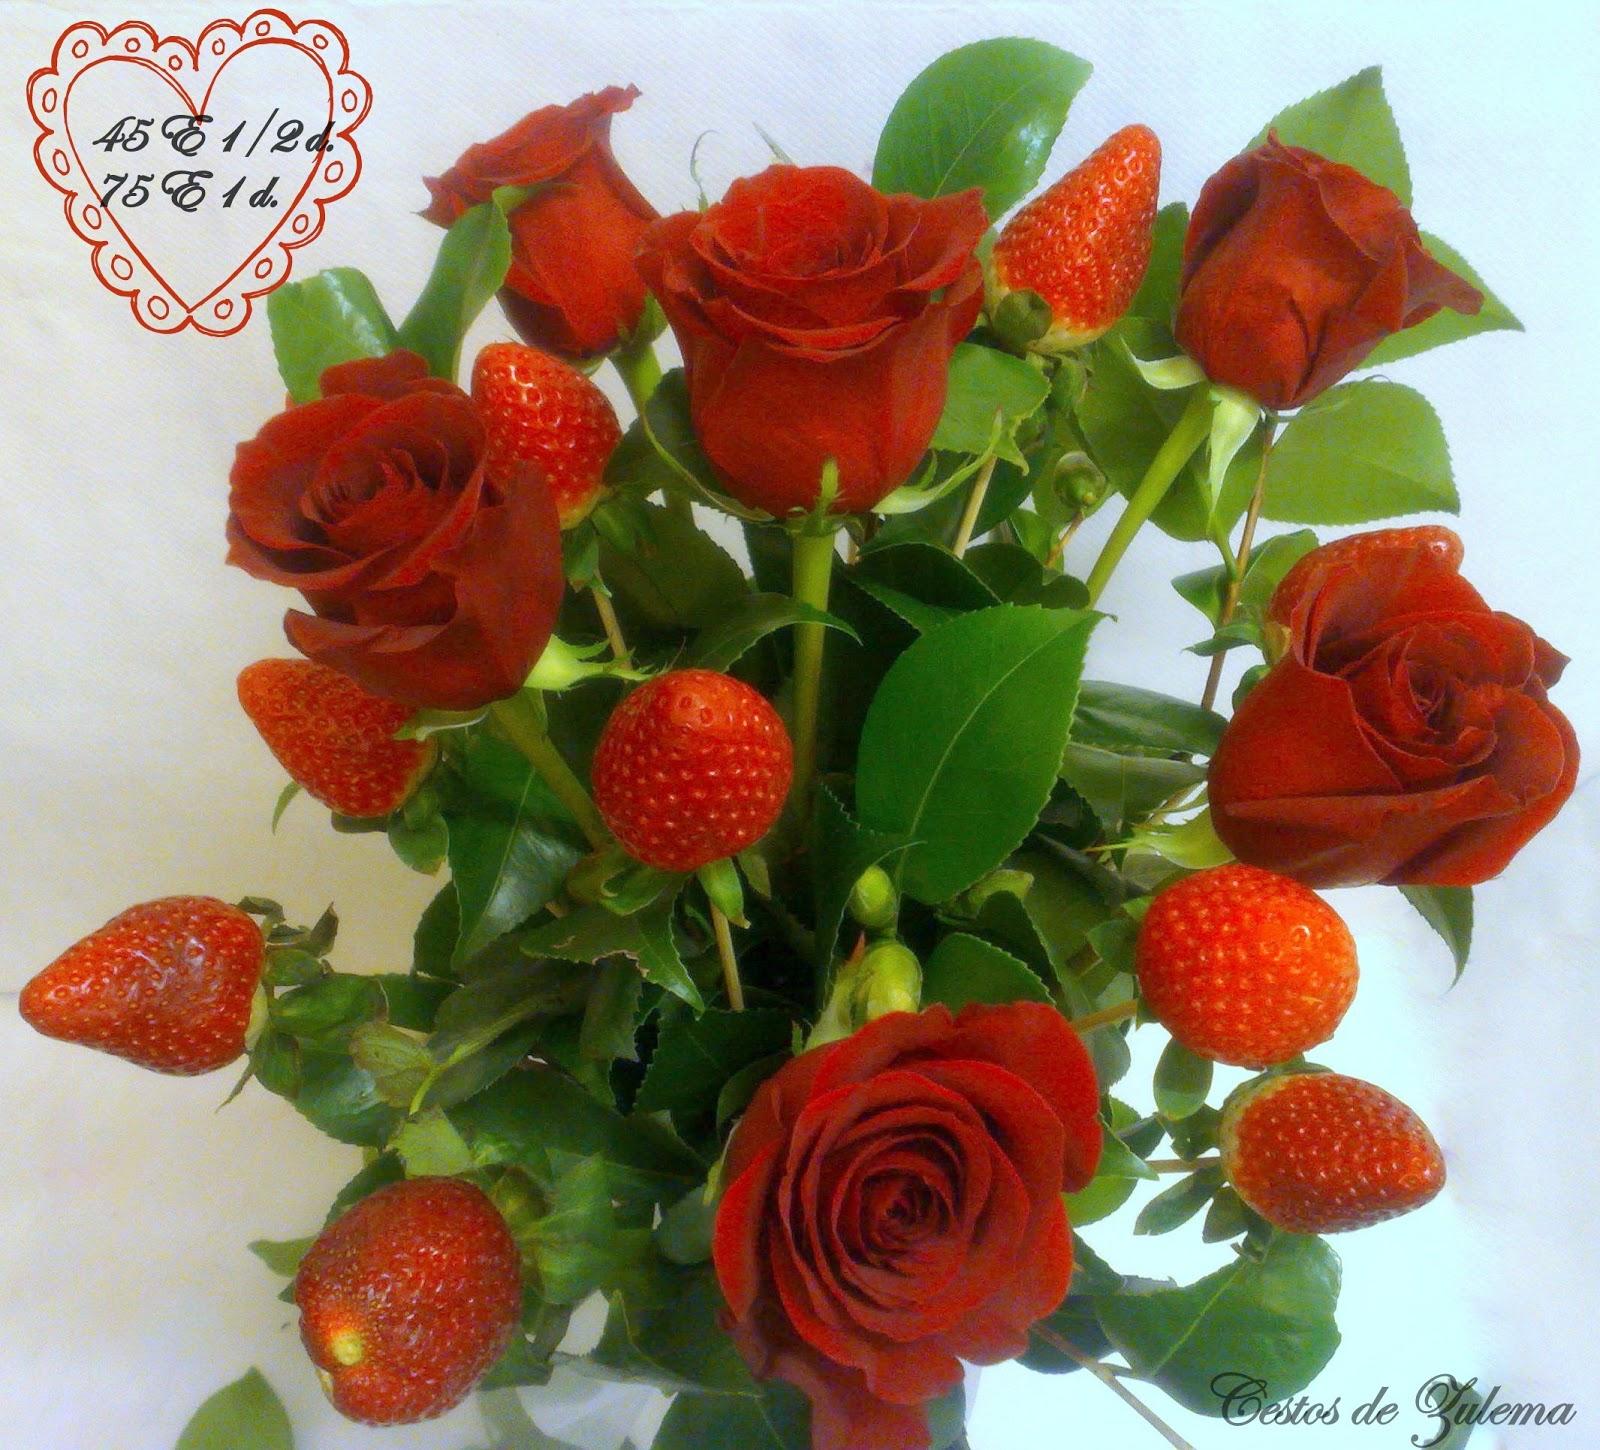 024 un ramo de flores rojas YouTube - Imagenes De Ramos De Rosas Rojas